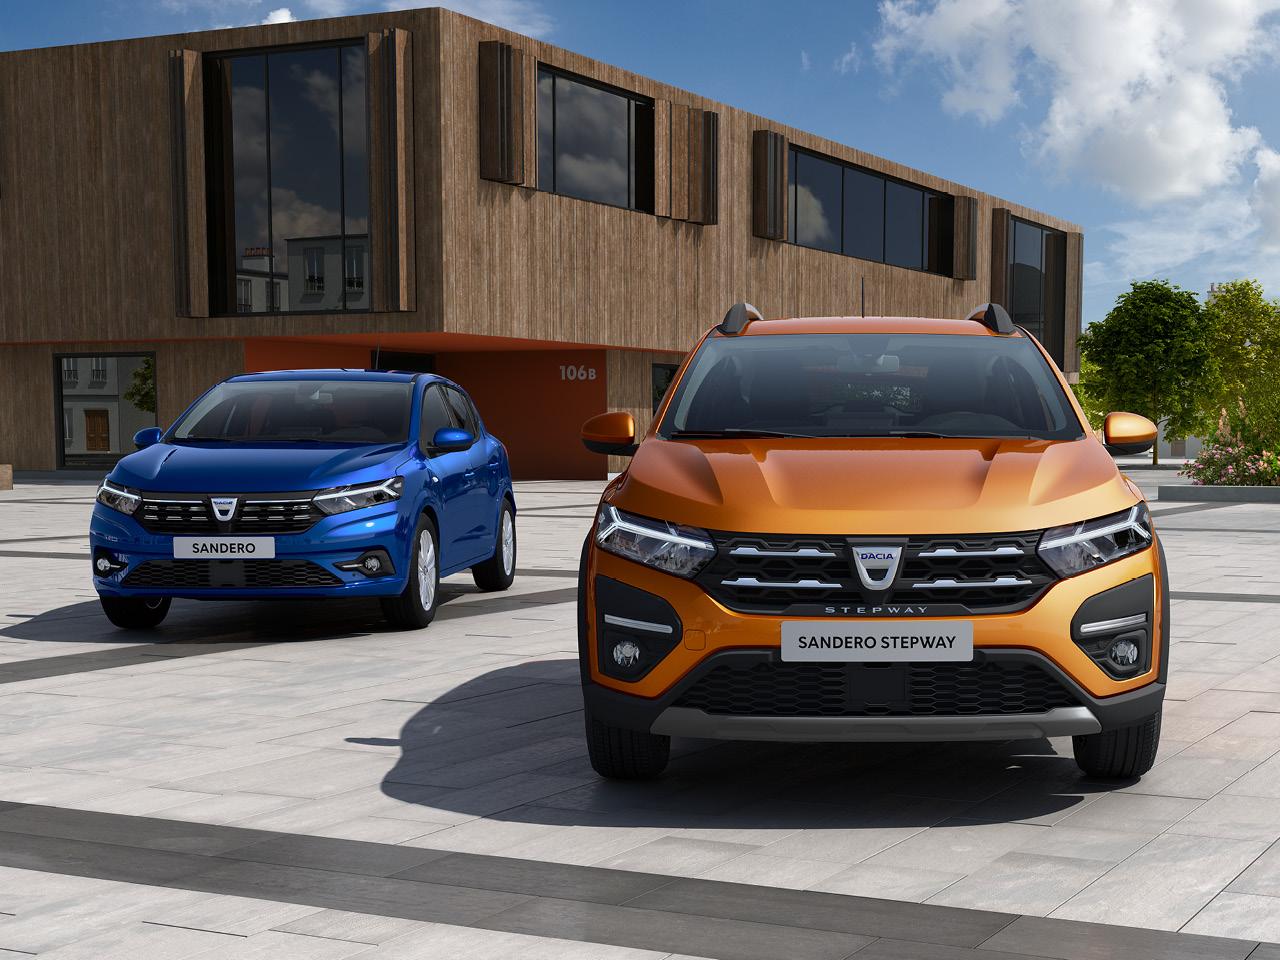 Uusi Dacia Sandero ja Sandero Stepway ennakkomyynnissä